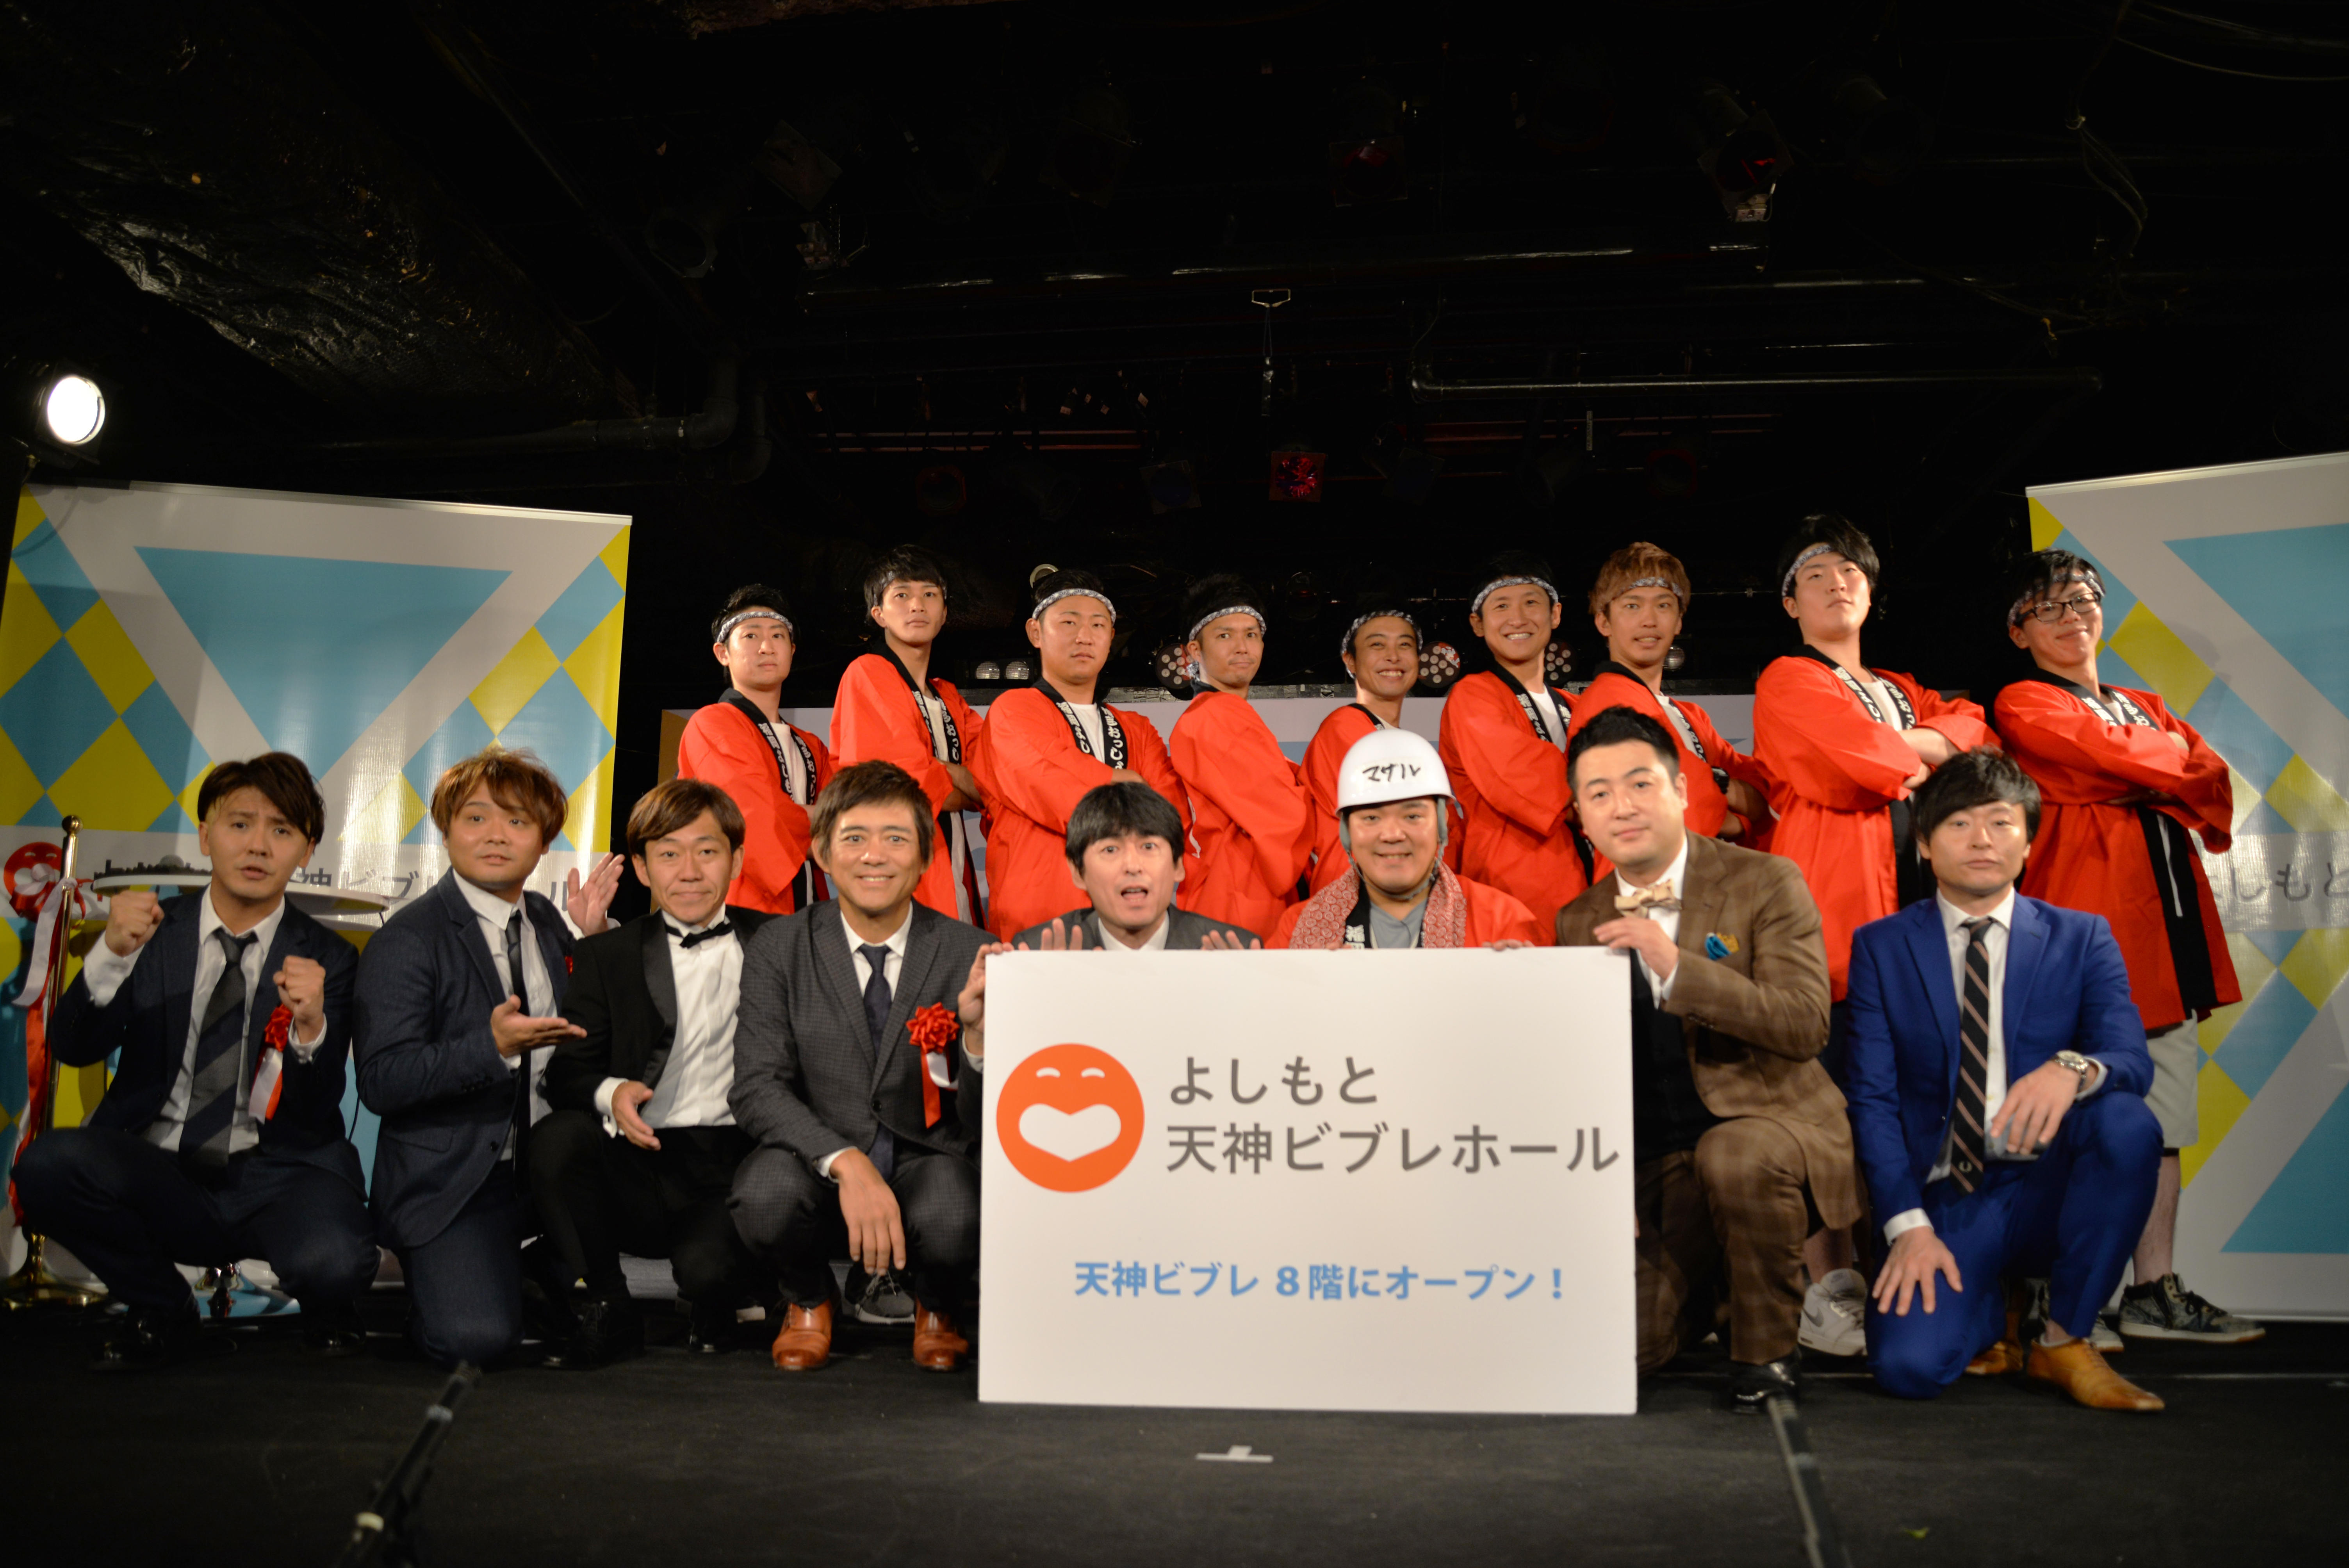 http://news.yoshimoto.co.jp/20180904165009-7965eb81568f2a2c8199e2e3442692b6f1fba49a.jpg